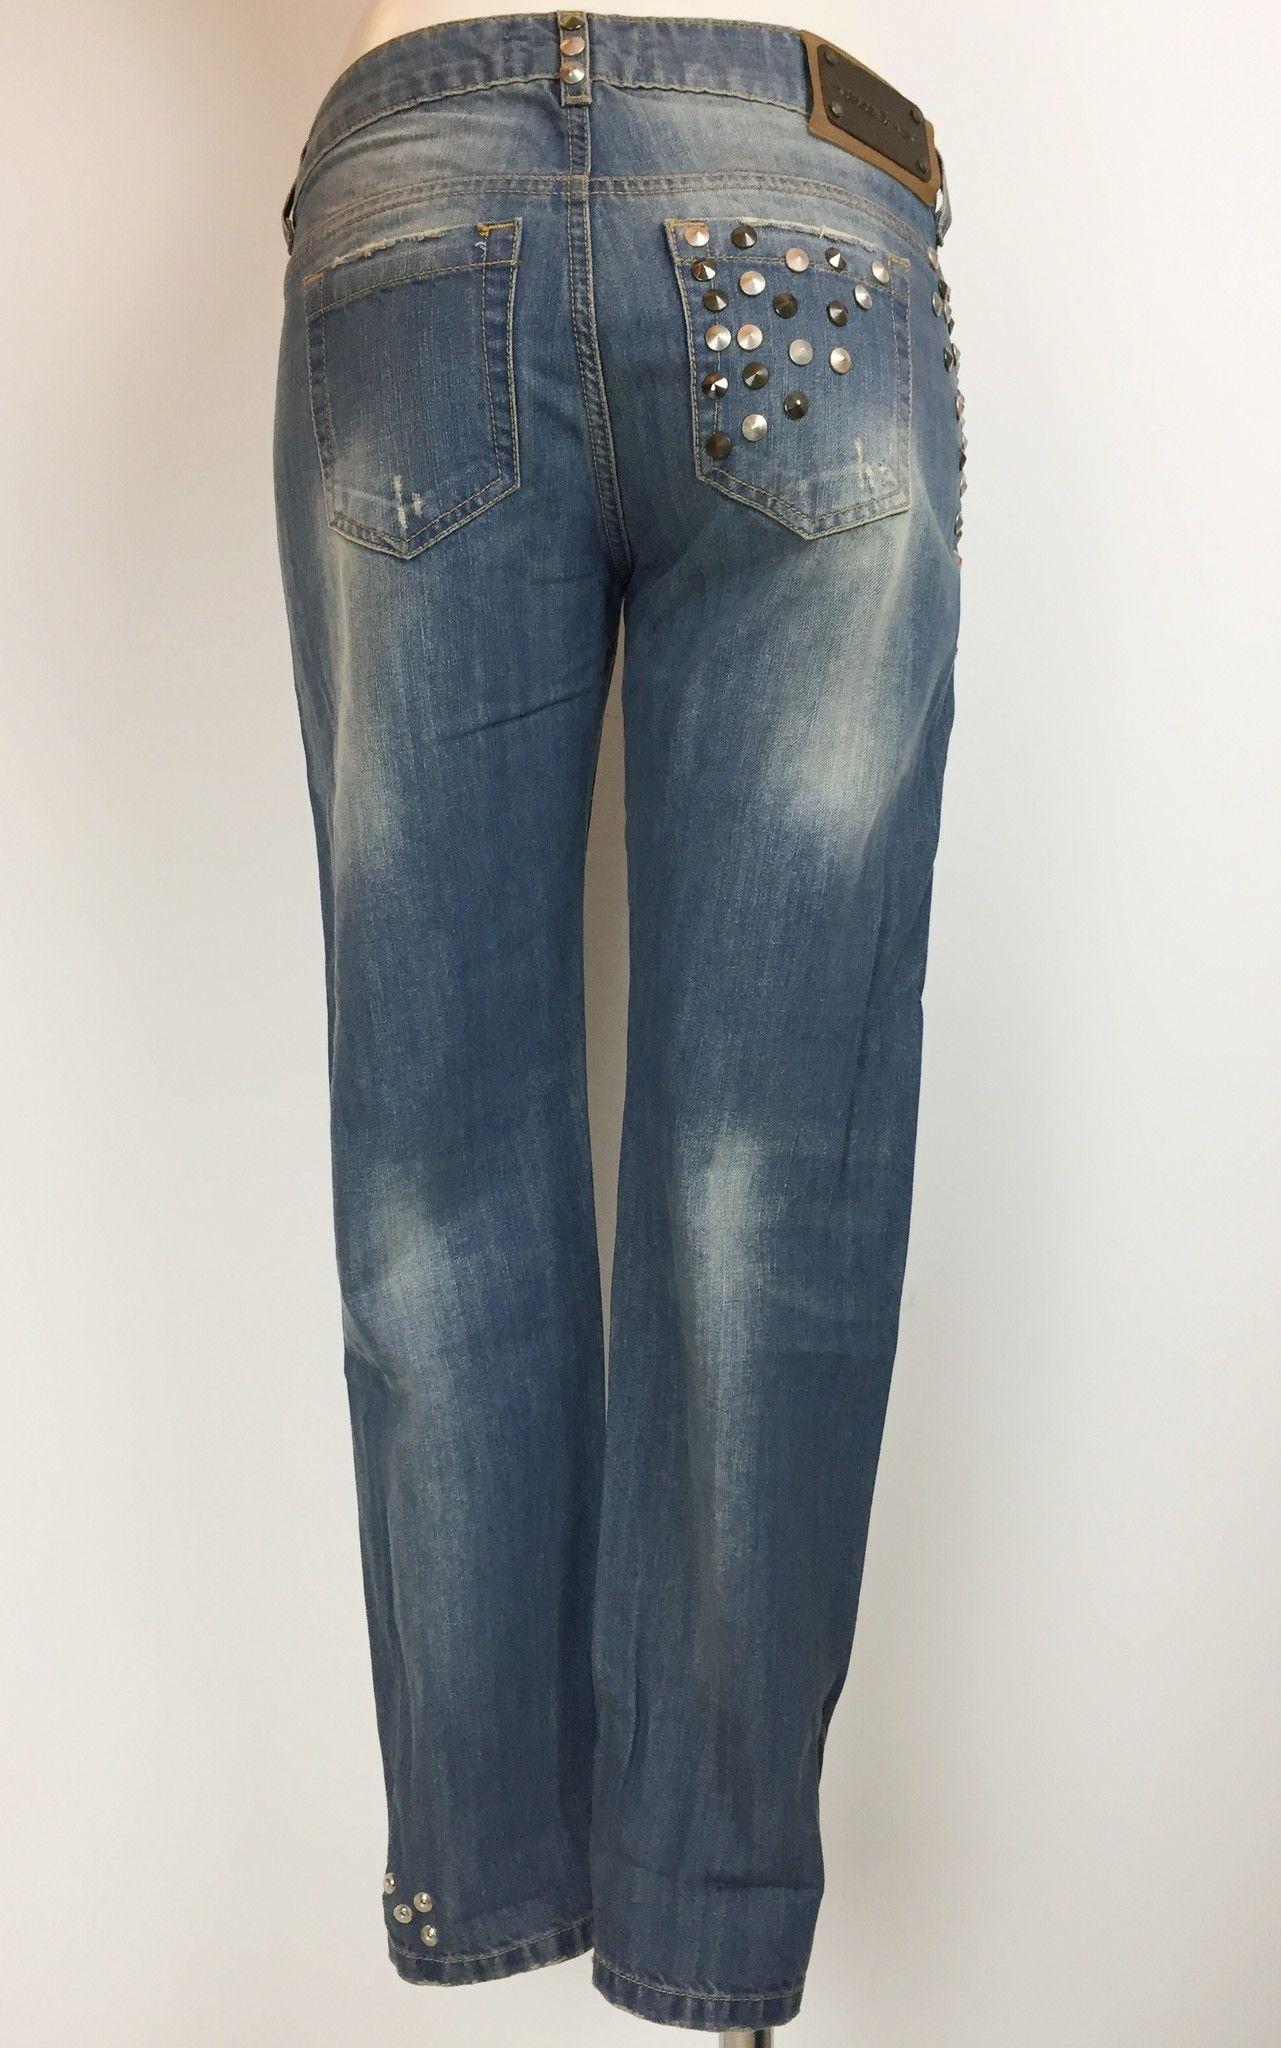 Adele Fado Boyfriend Model Studded Jeans Cod.19922026